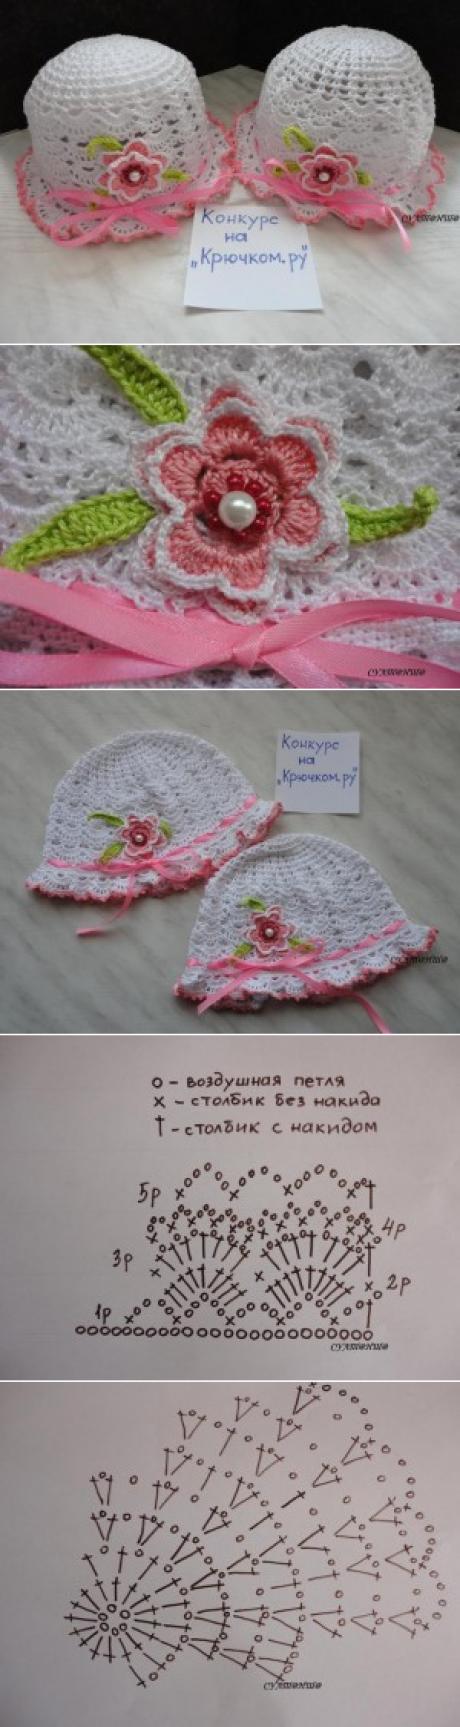 панамки для двойняшек на конкурс летние головные уборы для детей